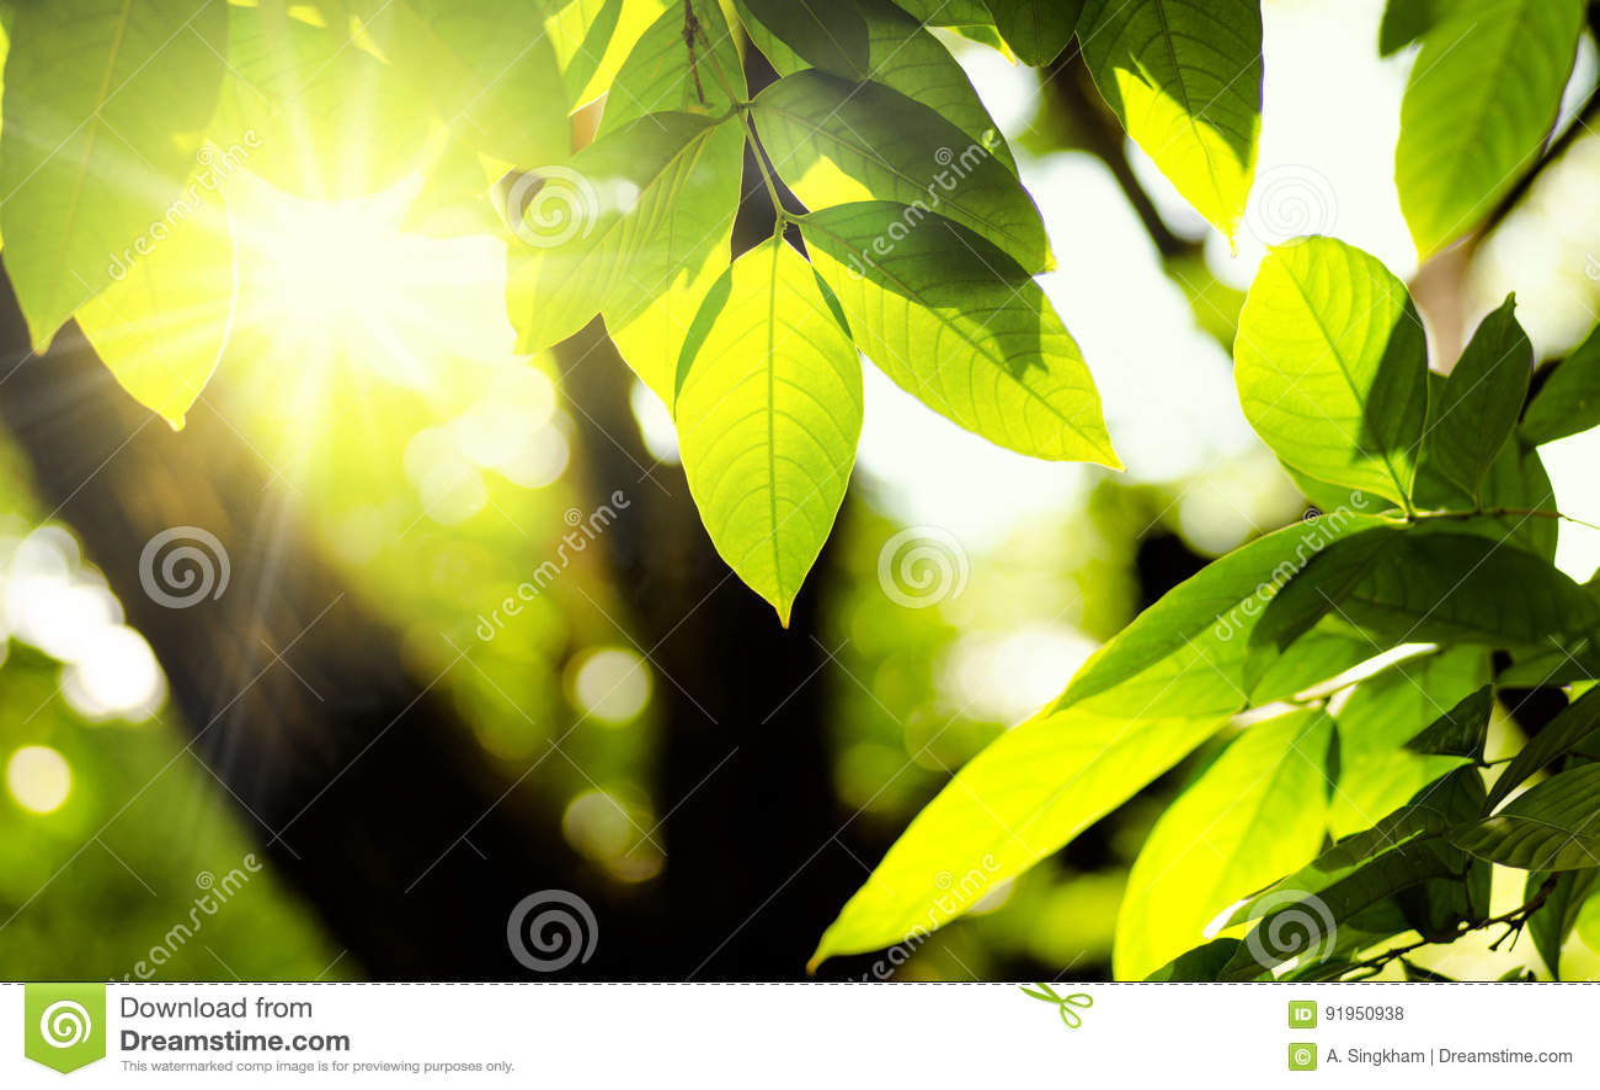 Installatie en natuurlijk groen milieu met zonlicht